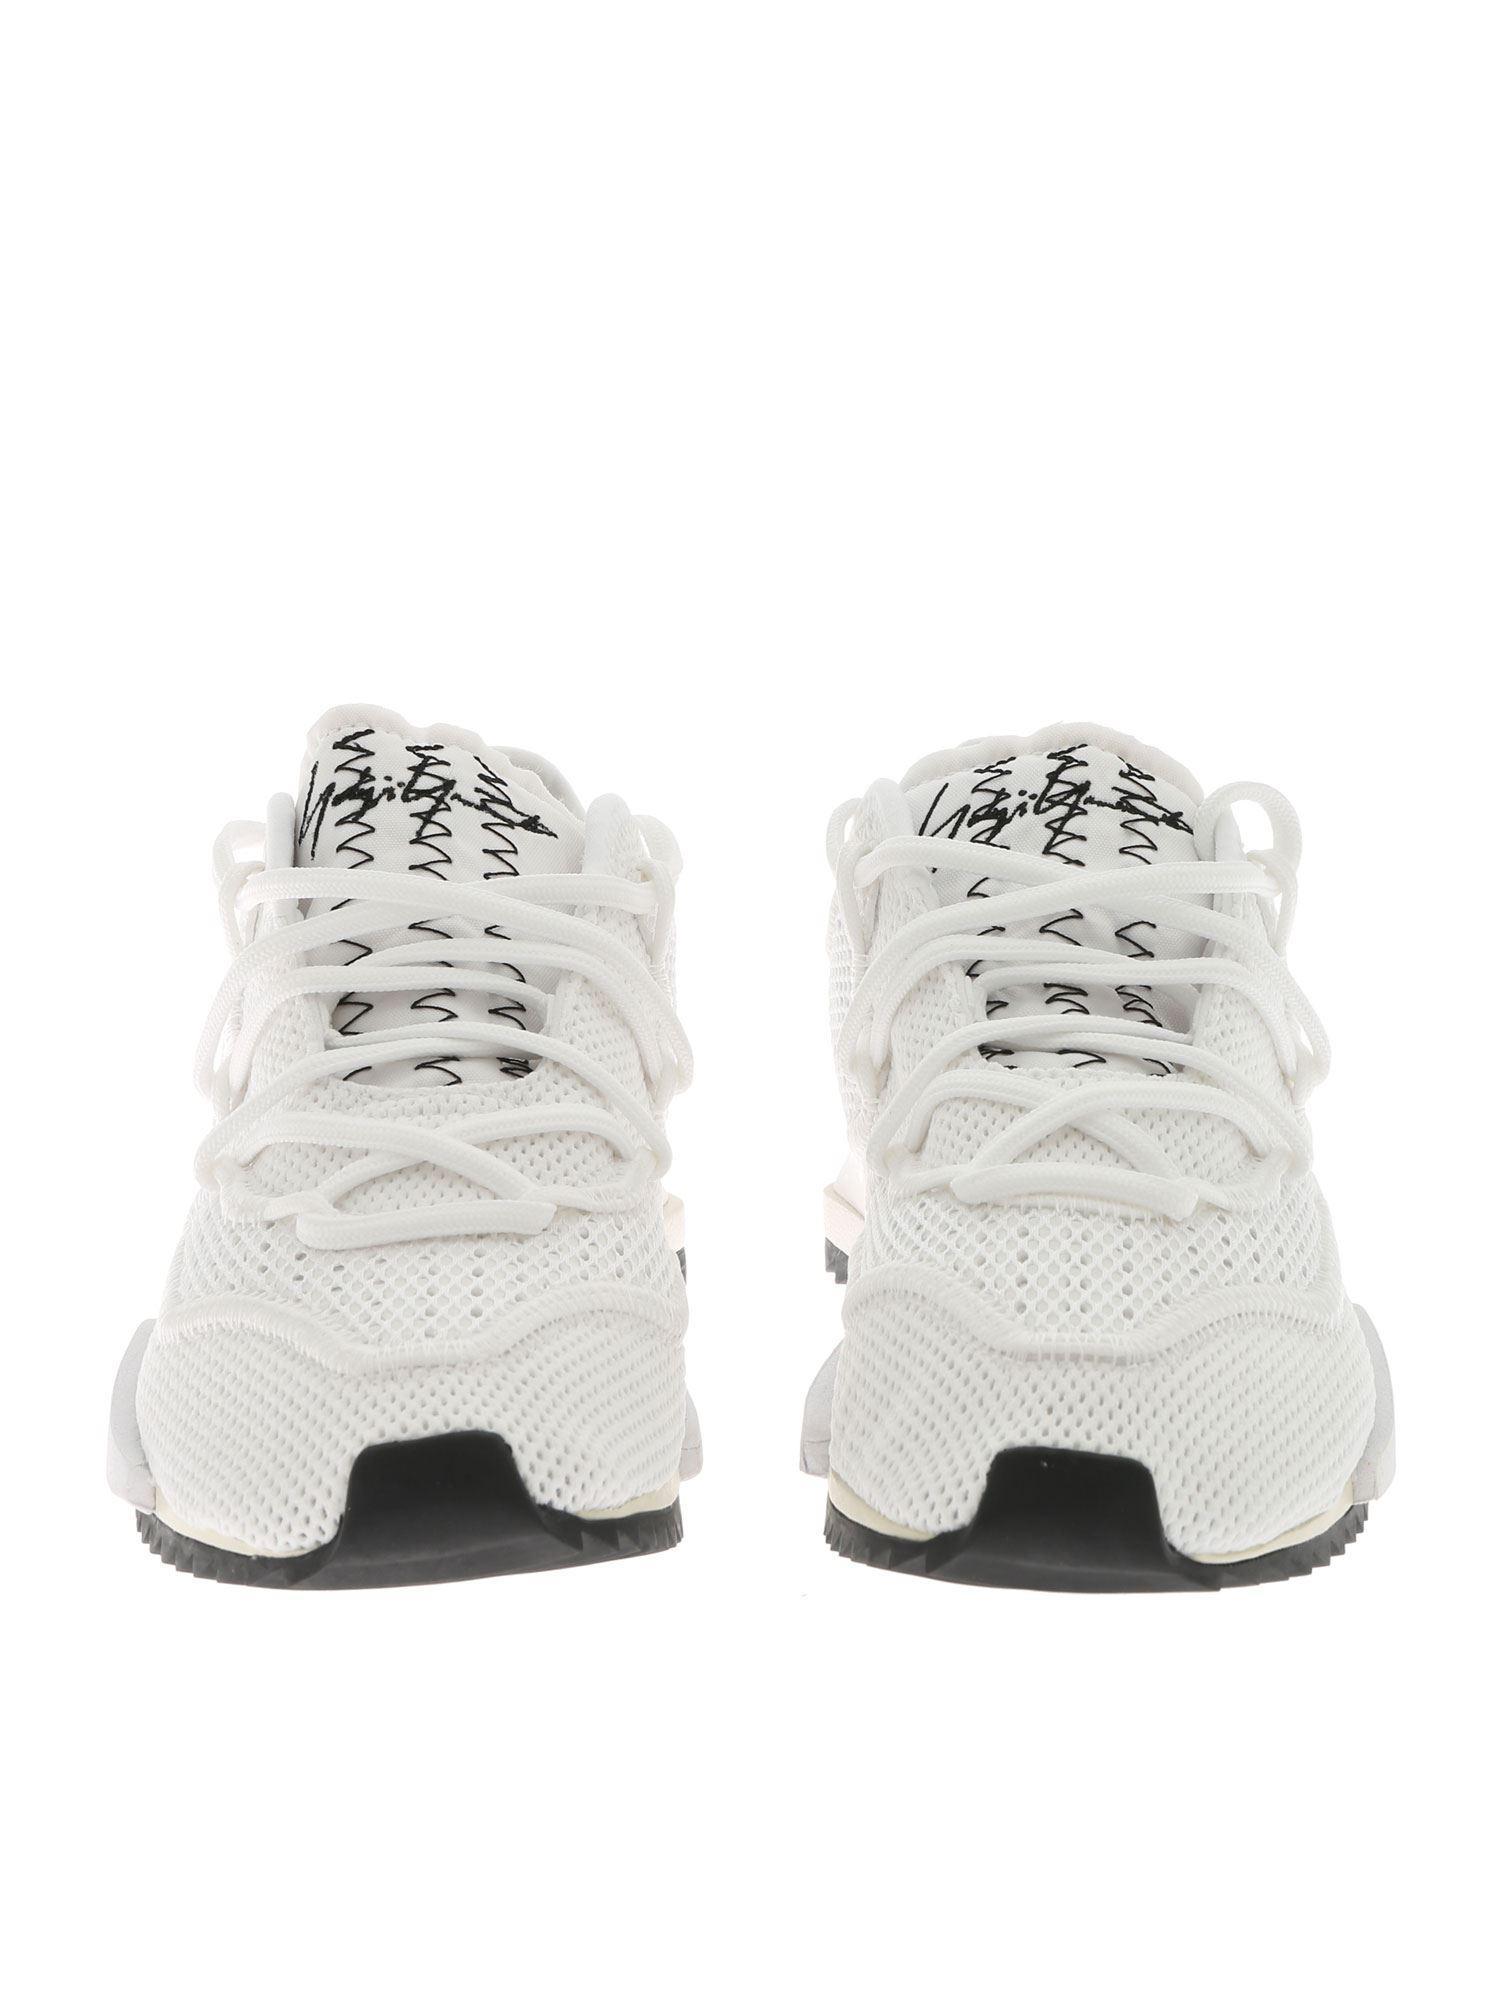 8dedd100ae Lyst - Y-3 Harigane Ii White Men Sneakers in White for Men - Save 11%